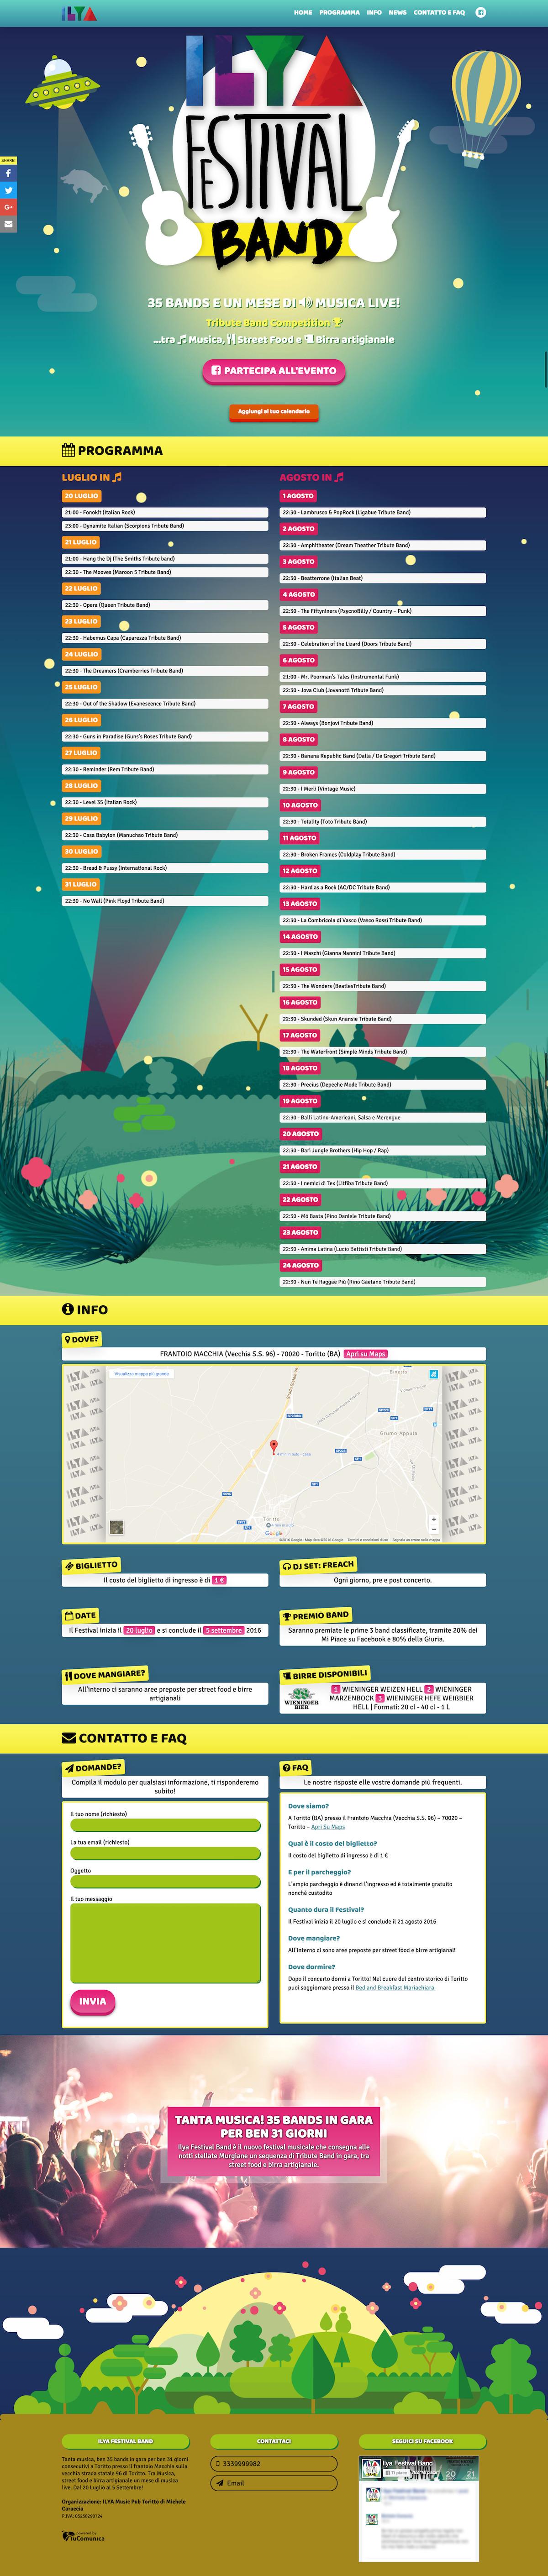 music-festival-band-sviluppo-sito-web-2